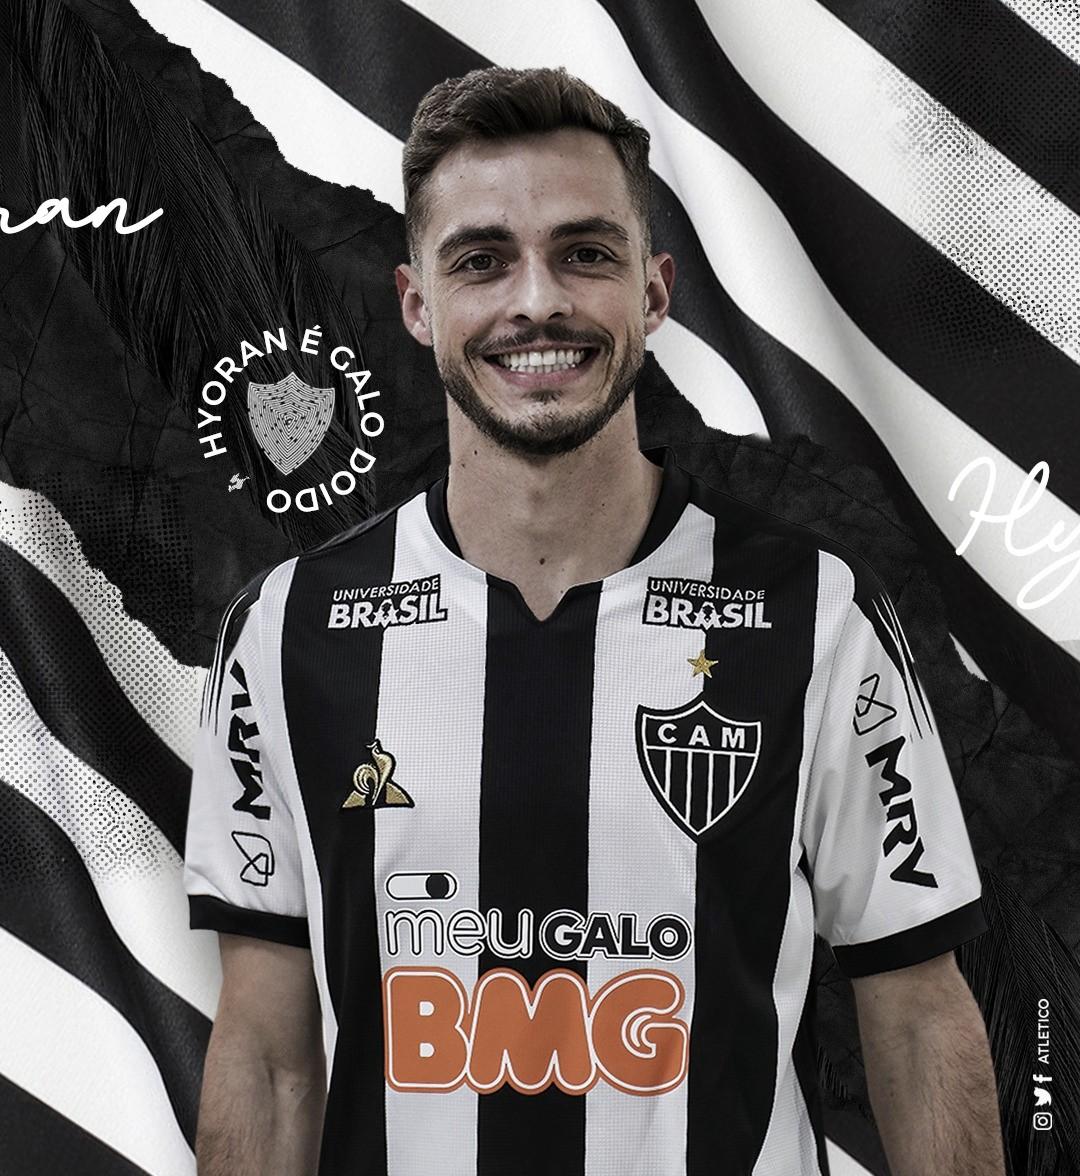 Por empréstimo, Atlético-MG contrata meia Hyoran, ex-Palmeiras